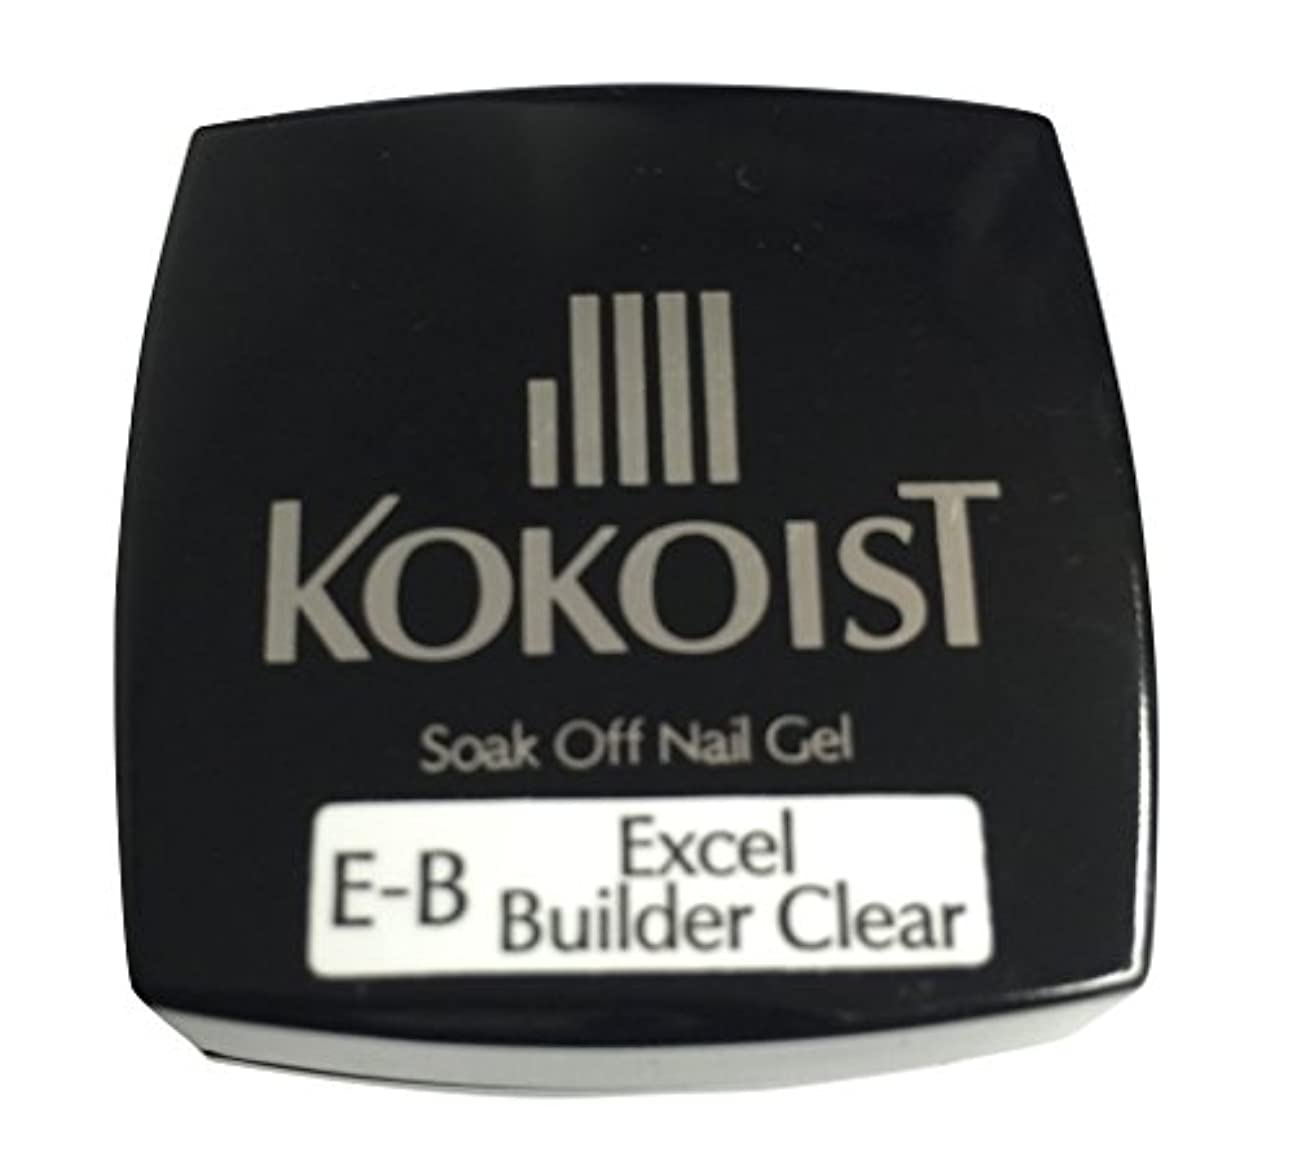 または名目上のカエルKOKOIST(ココイスト) ソークオフクリアジェル エクセルビルダー  4g